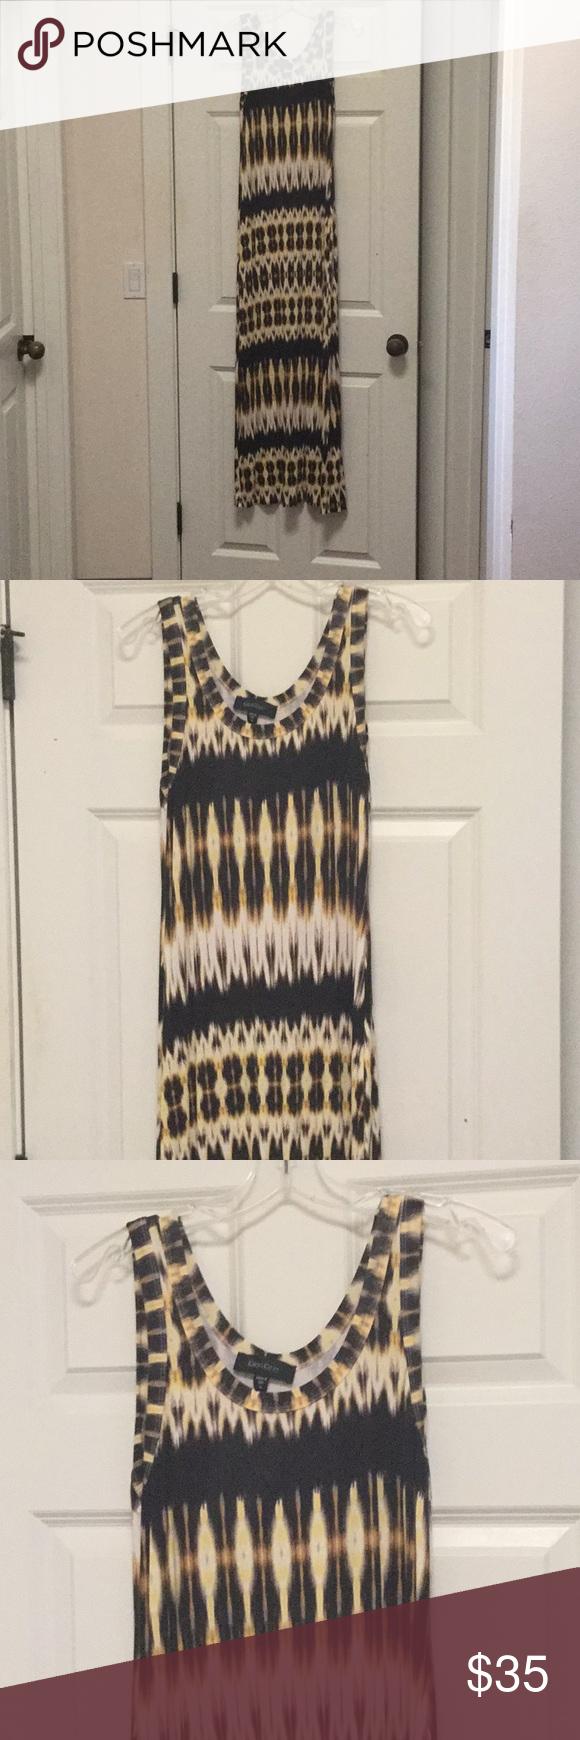 Karen Kane Maxi Dress Size M Nwot Tribal Print Maxi Dress Karen Kane Dress Maxi Dress [ 1740 x 580 Pixel ]